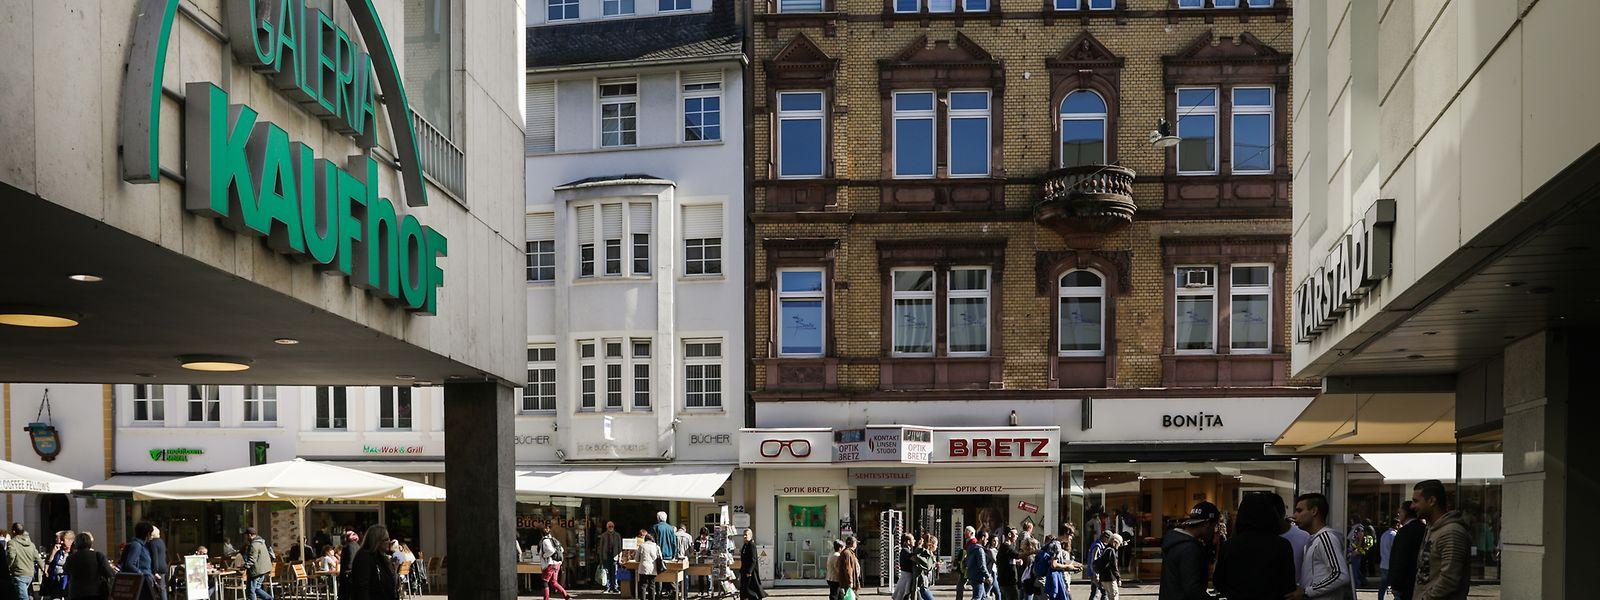 Durch die Fusion von Karstadt und Kaufhof wächst in deutschen Städten die Angst vor Filialschließungen. In Trier gibt es gleich drei dieser Warenhäuser. Zwei davon stehen sogar direkt nebeneinander.